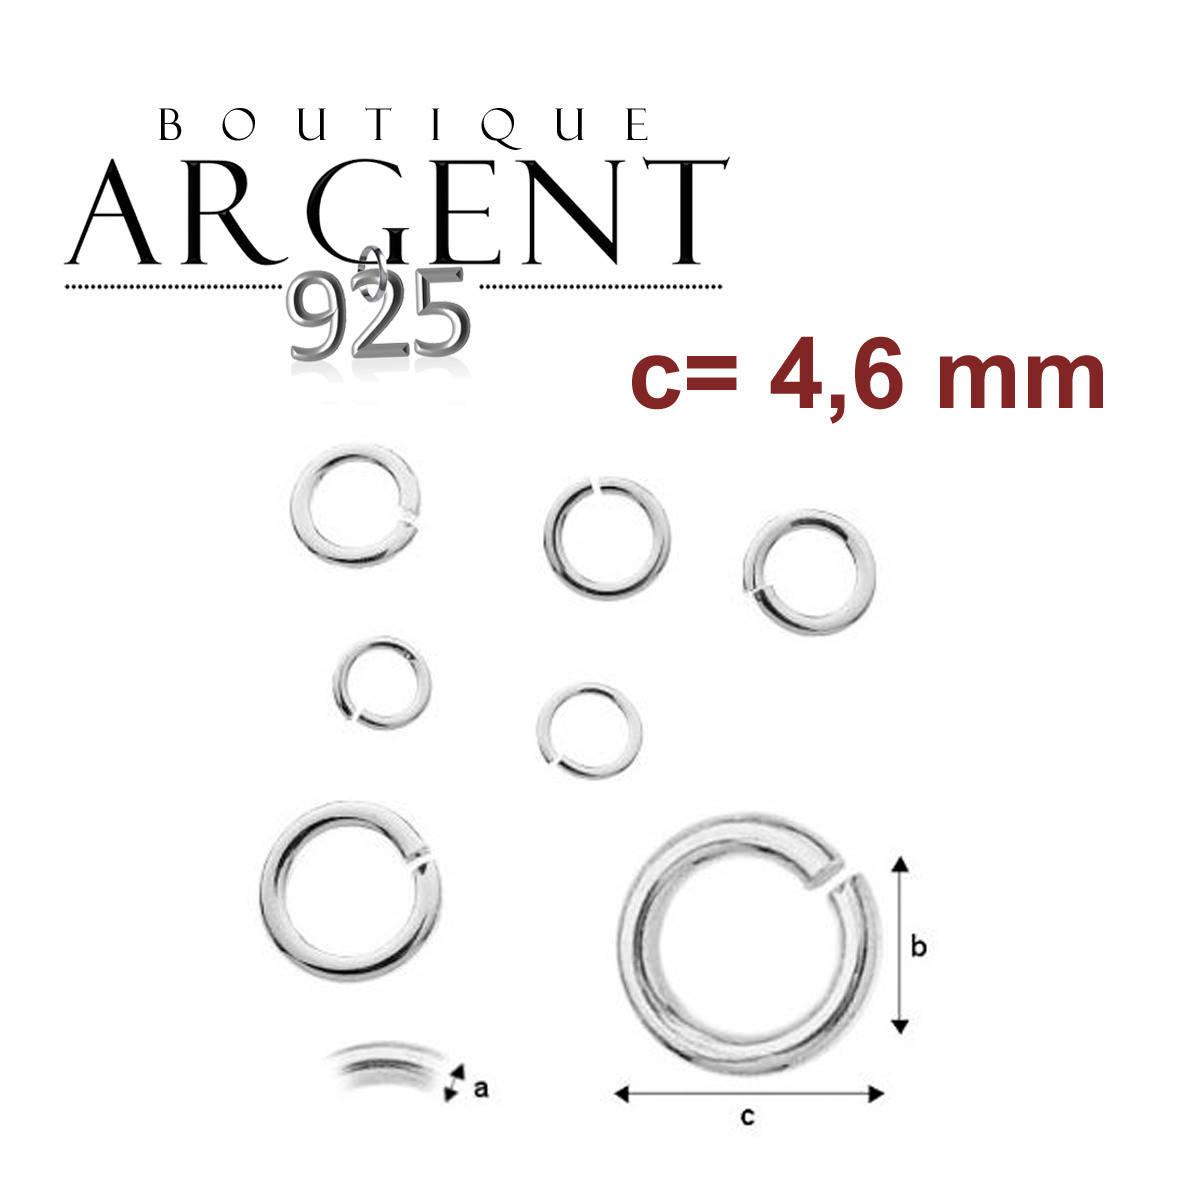 X10 anneaux ouverts en argent massif 925/1000 de dimensions 0,8 X 3 X 4,6 mm